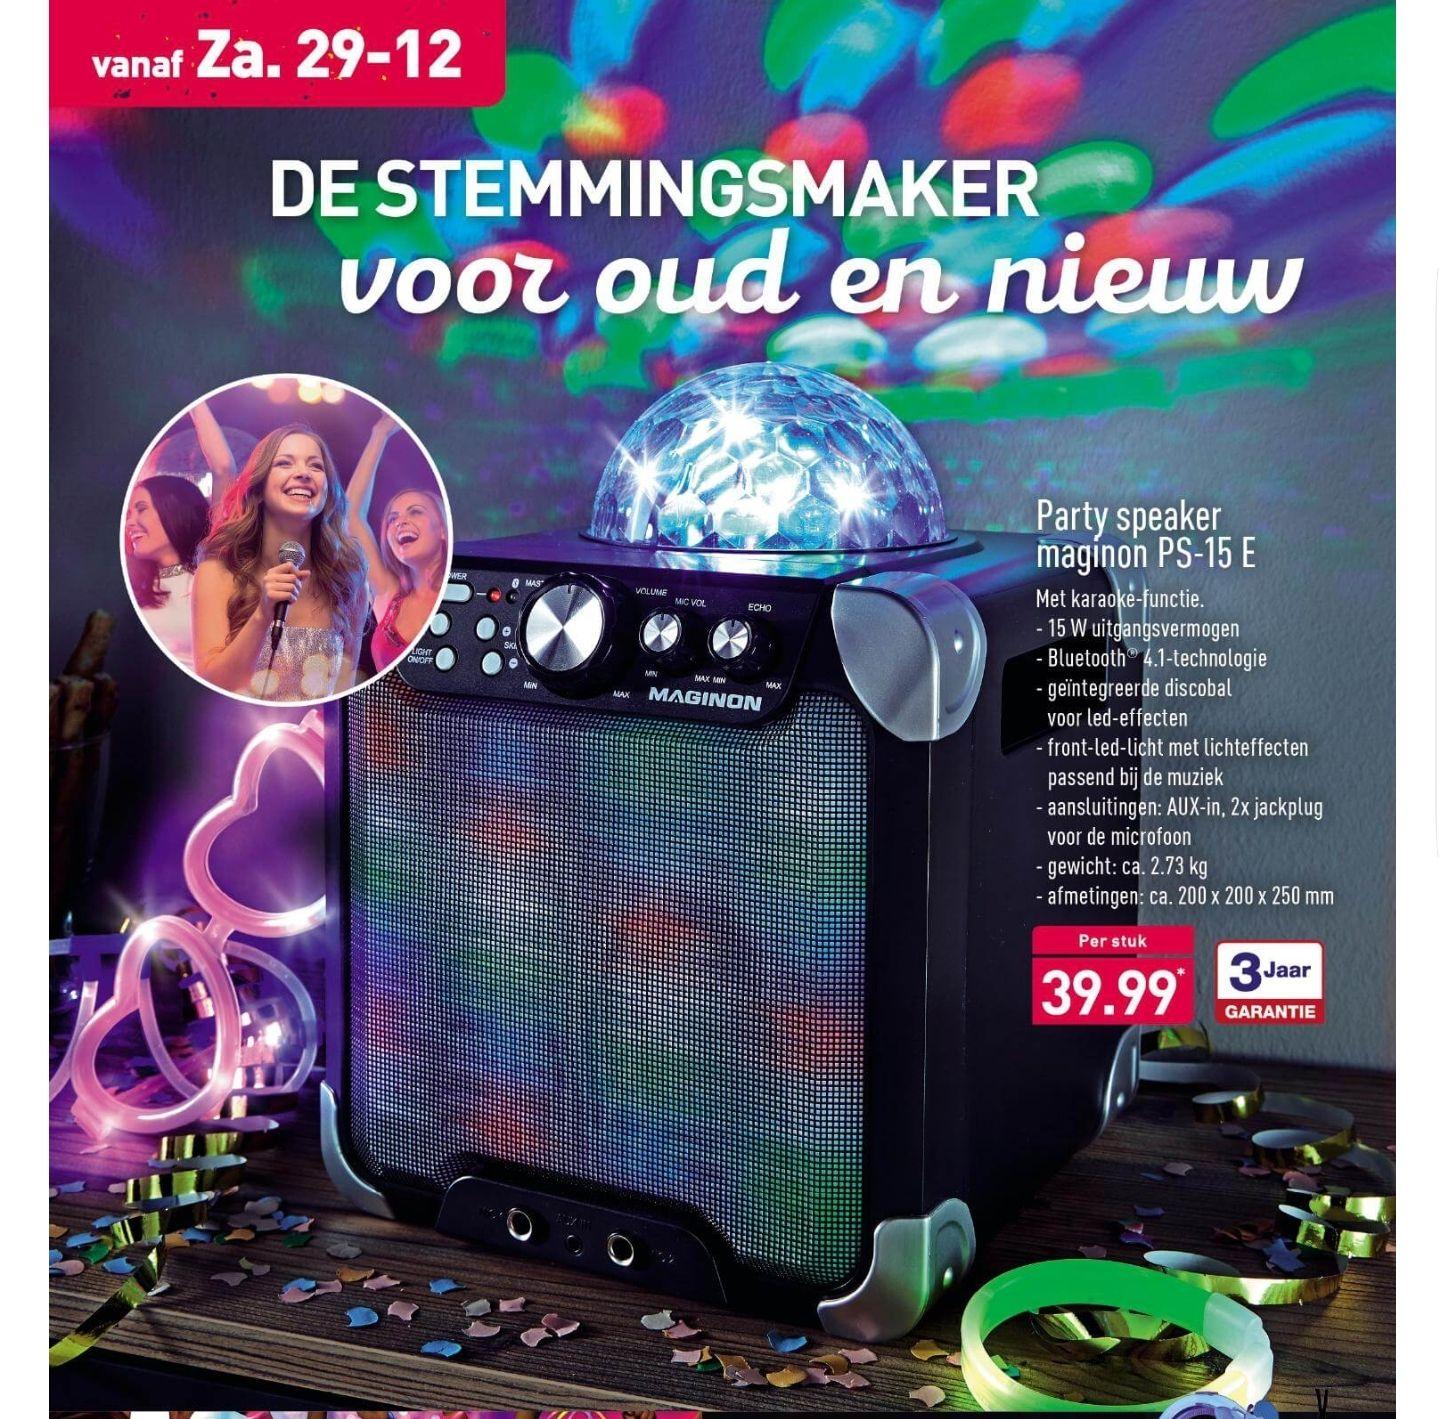 Maginon PS-15 E Party speaker met verlichting en karaoke voor €39,99 @ Aldi